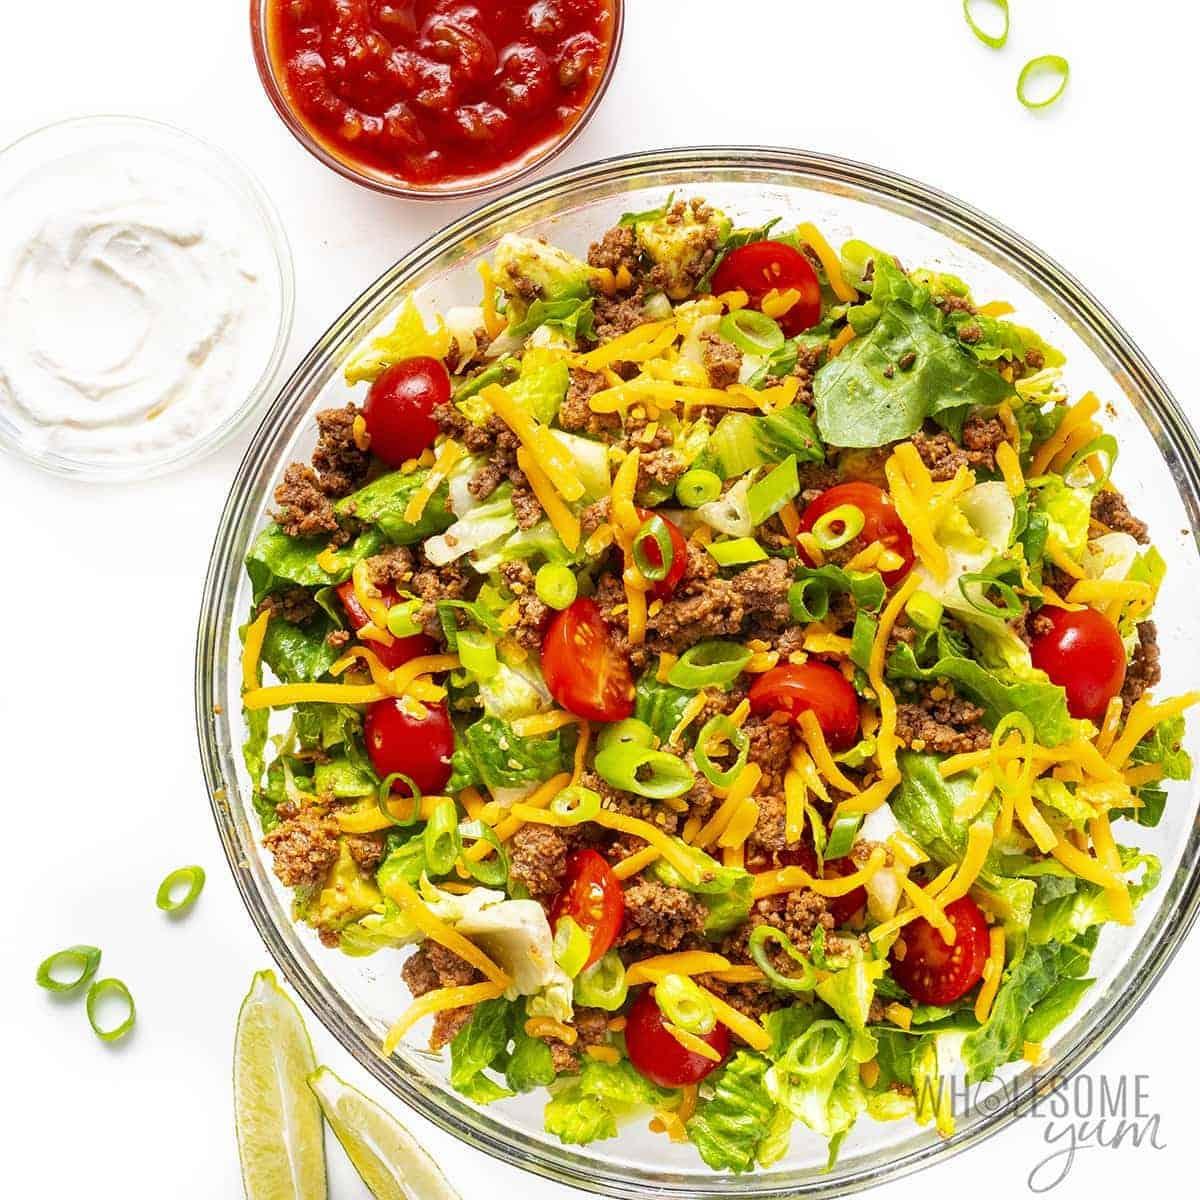 Healthy taco salad recipe in a bowl